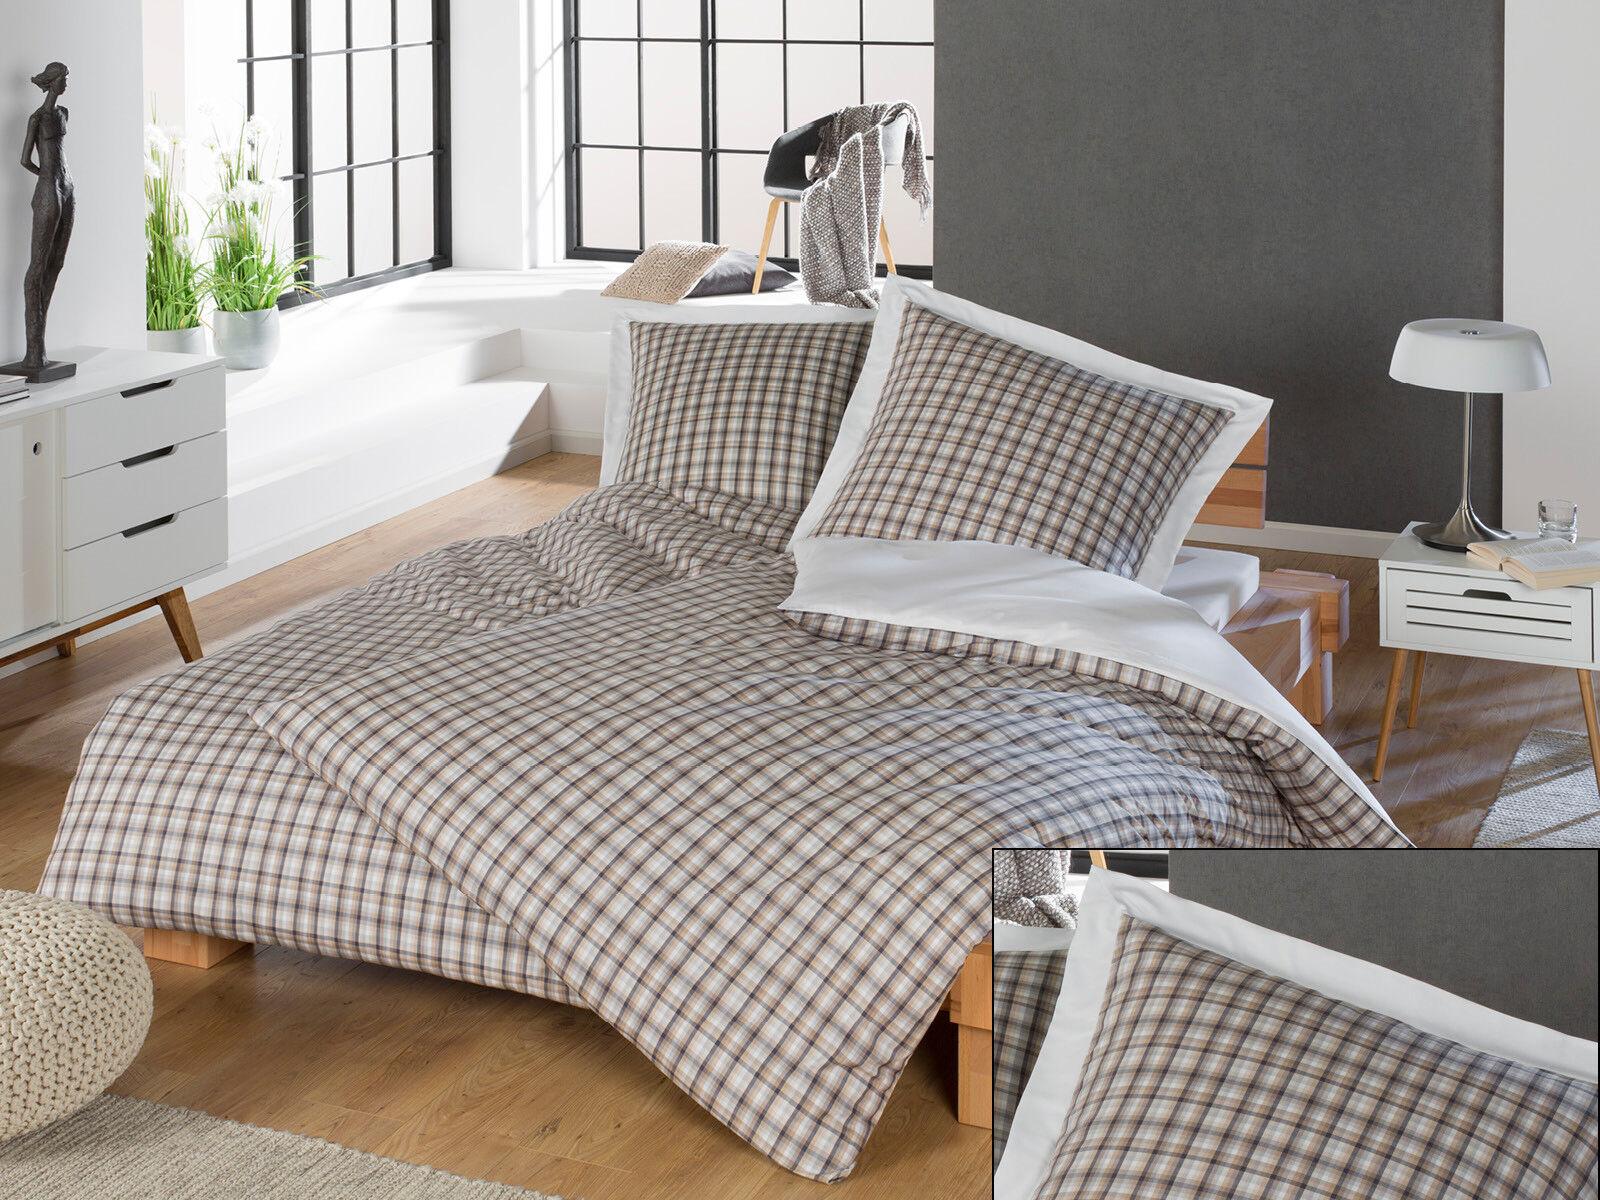 Mako Perkal Karo Wendebettwäsche mit Stehsaum braun weiß 100% Baumwolle | Gute Qualität